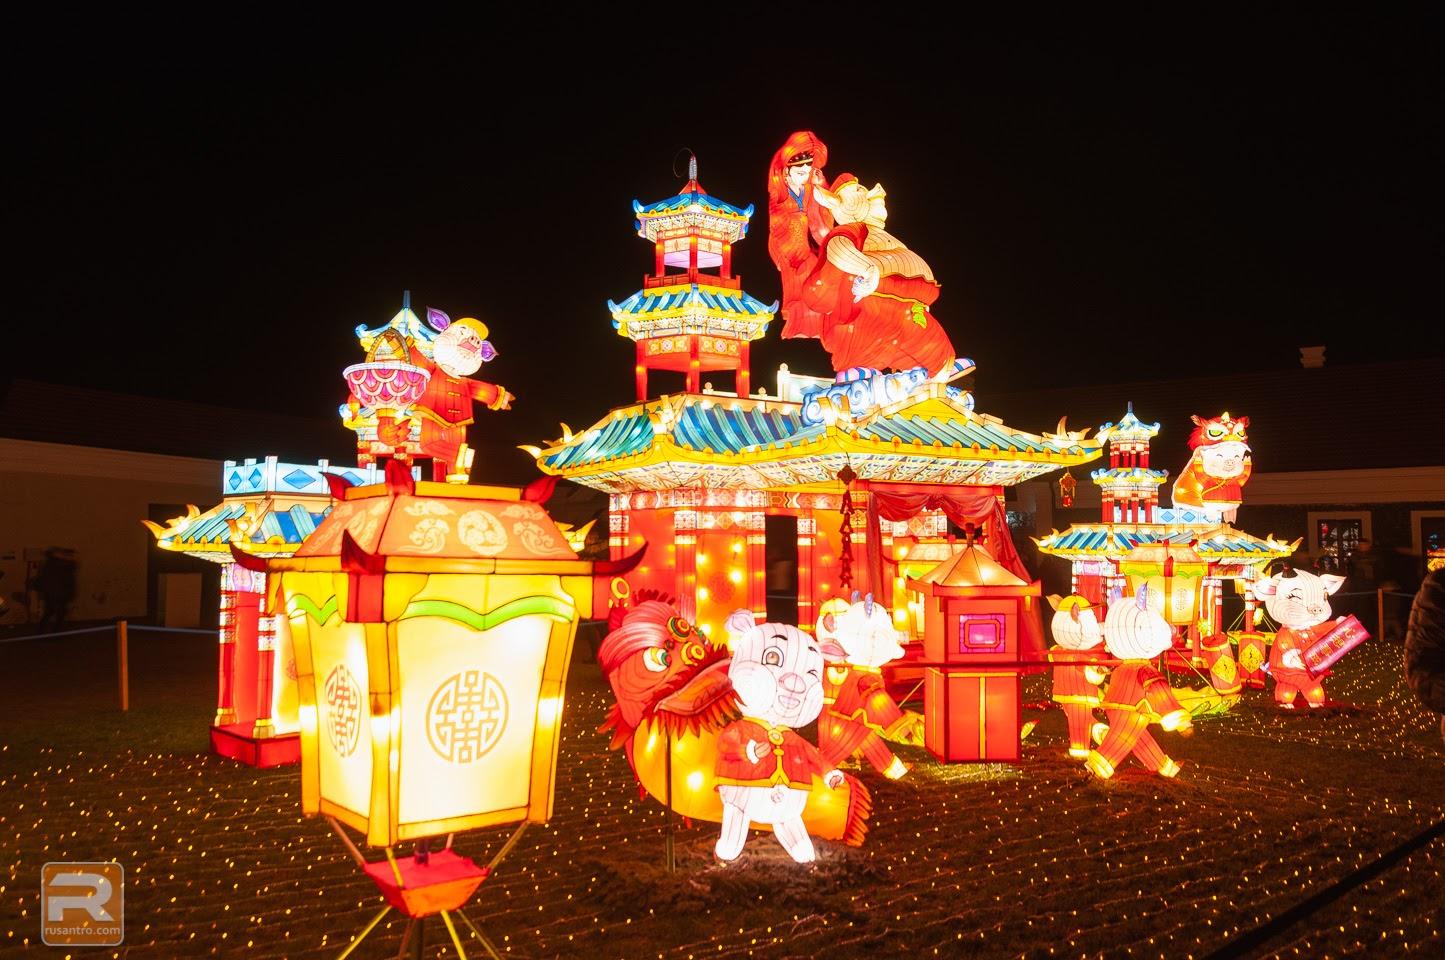 Lielās Ķīnas laternas: Visuma zīmes - 49